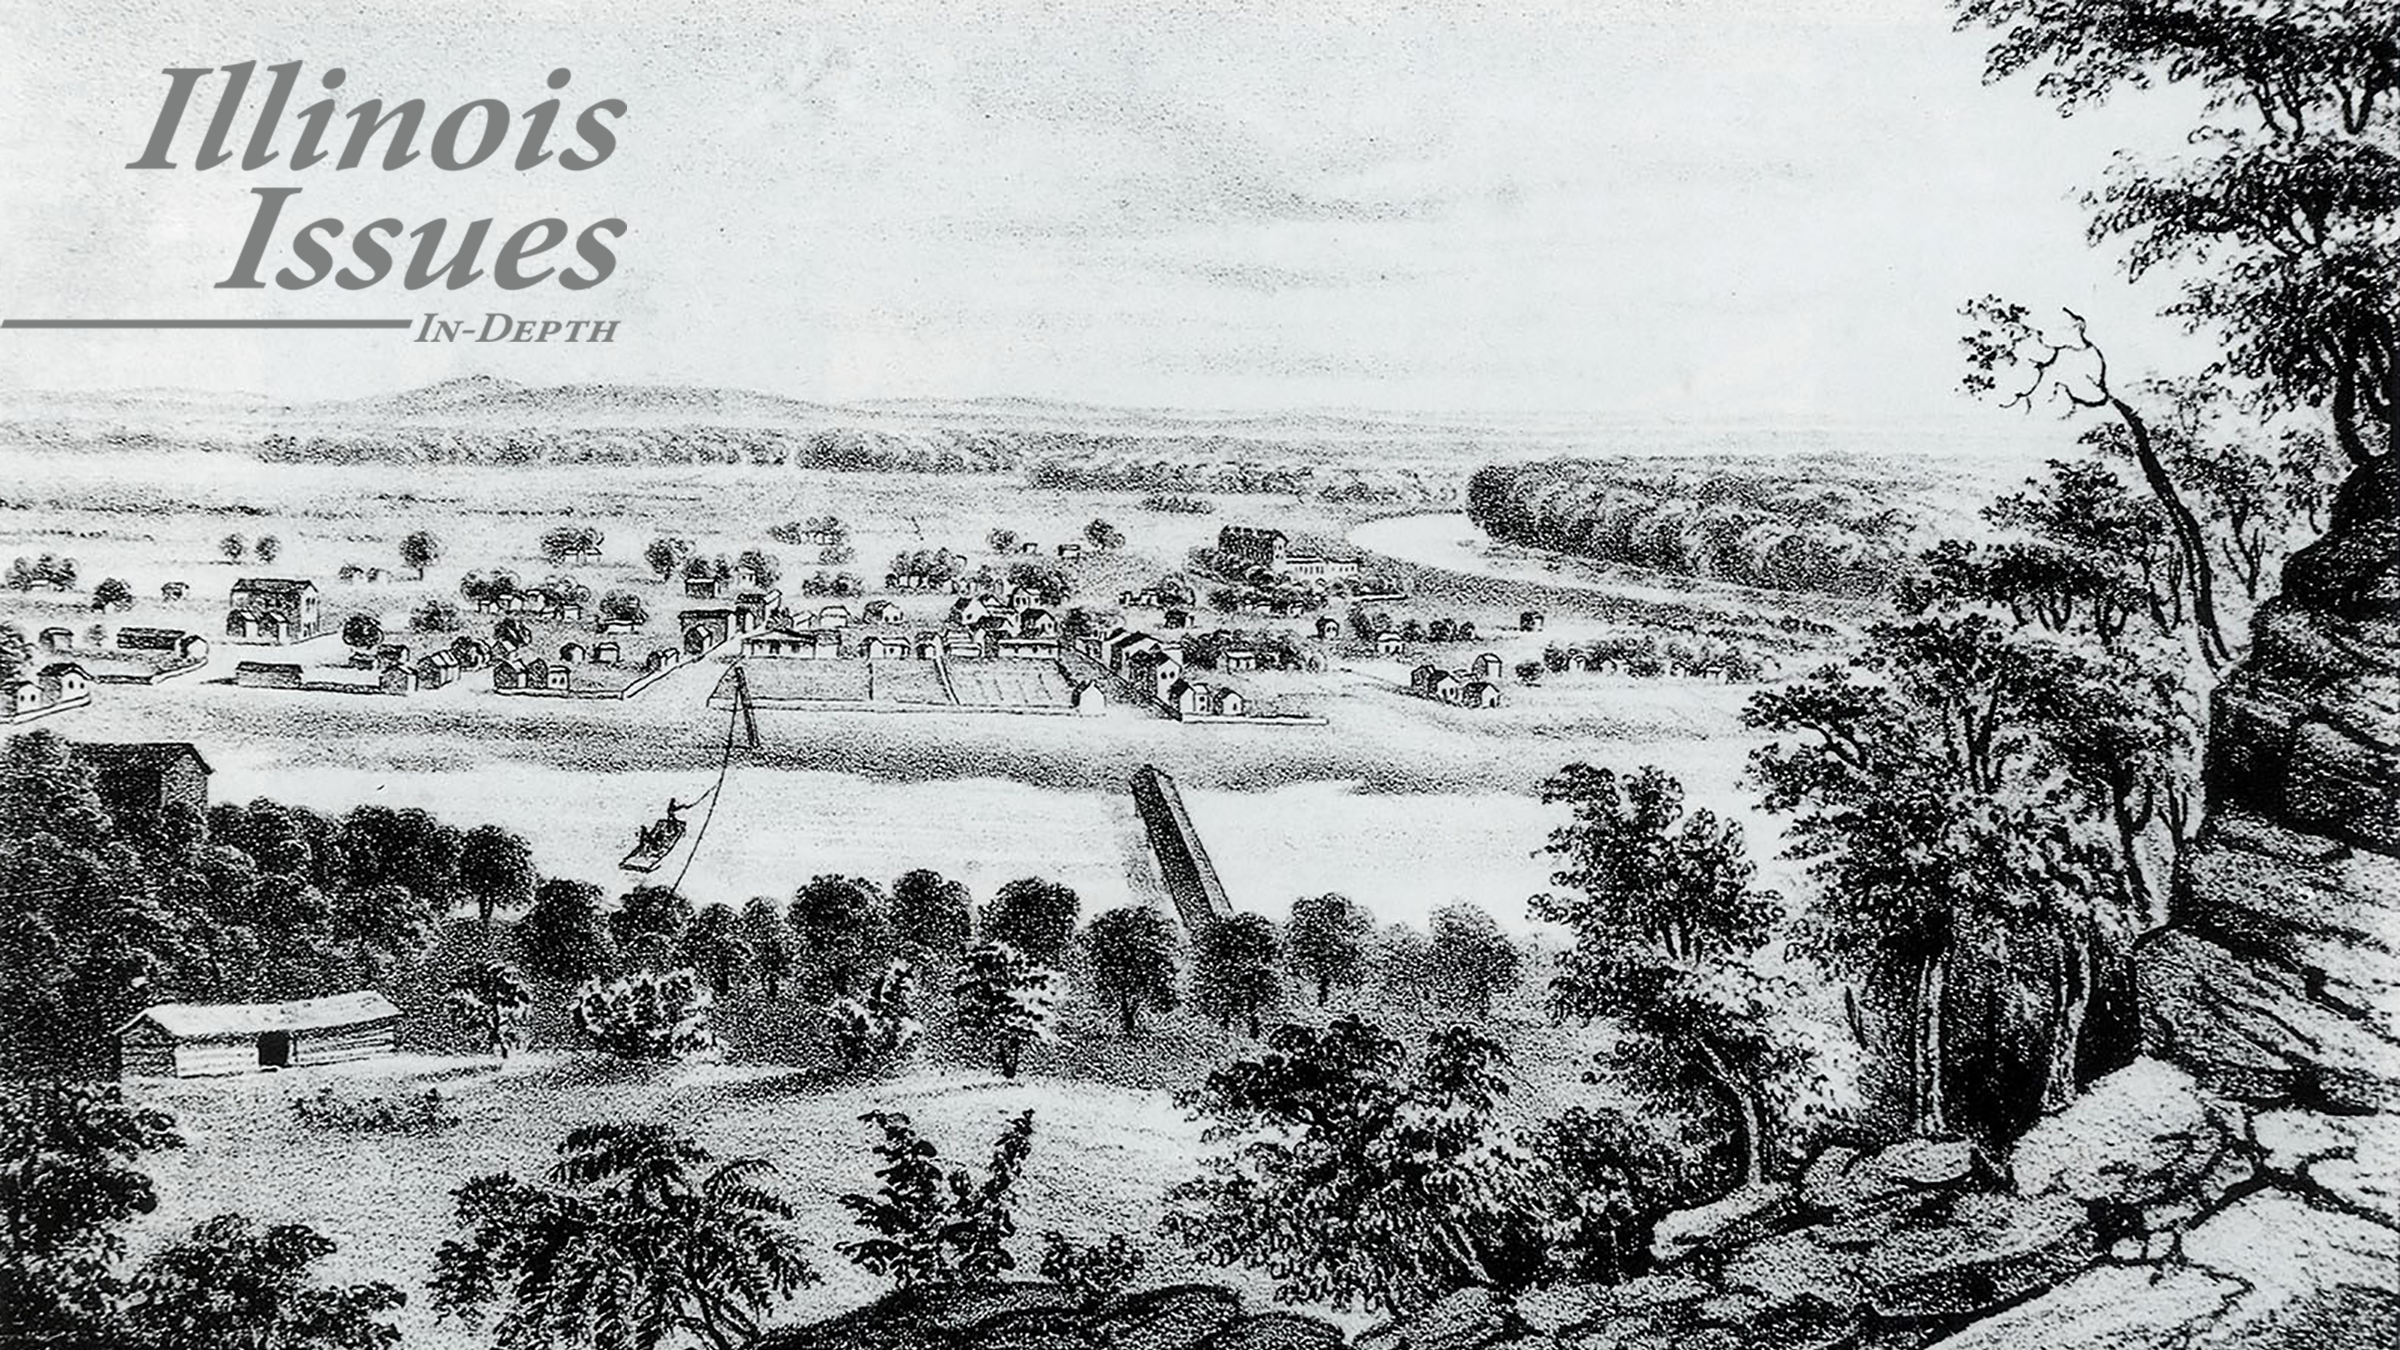 Illinois Issues: Kaskaskia—The Lost Capital of Illinois